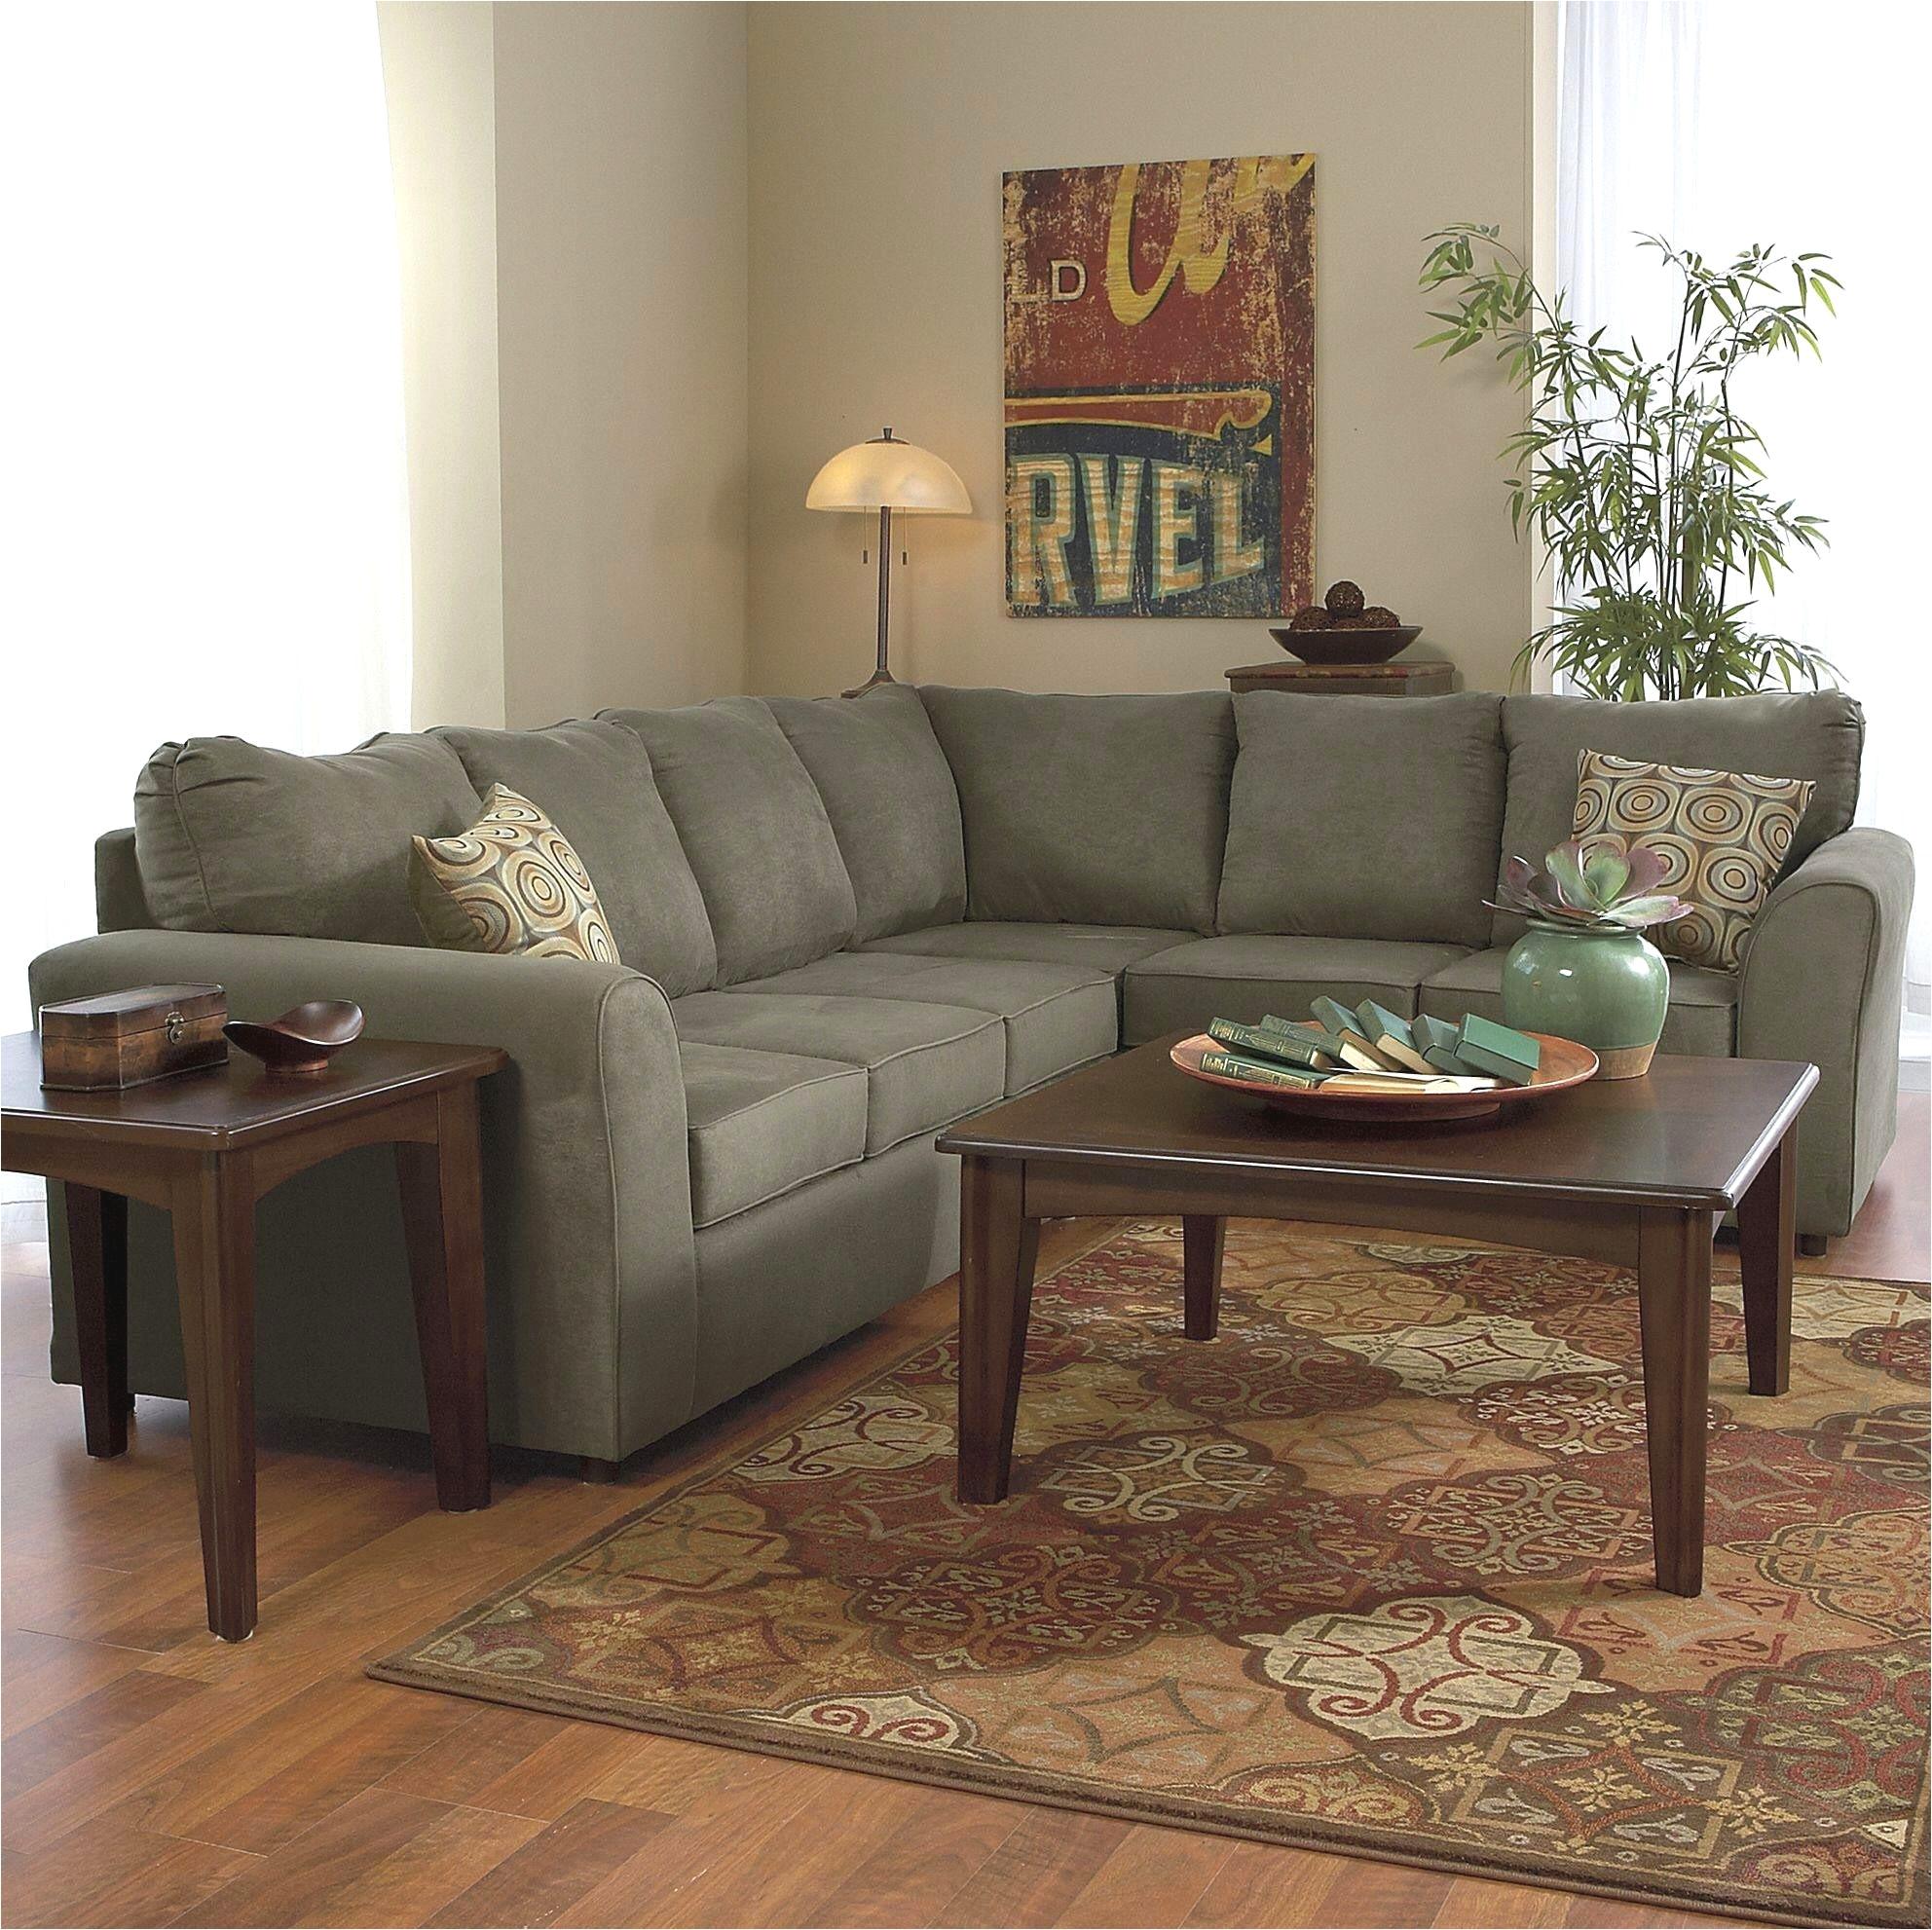 Daniels Furniture Store 28 Fresh Furniture Stores In Winter Garden Home Garden Design Ideas